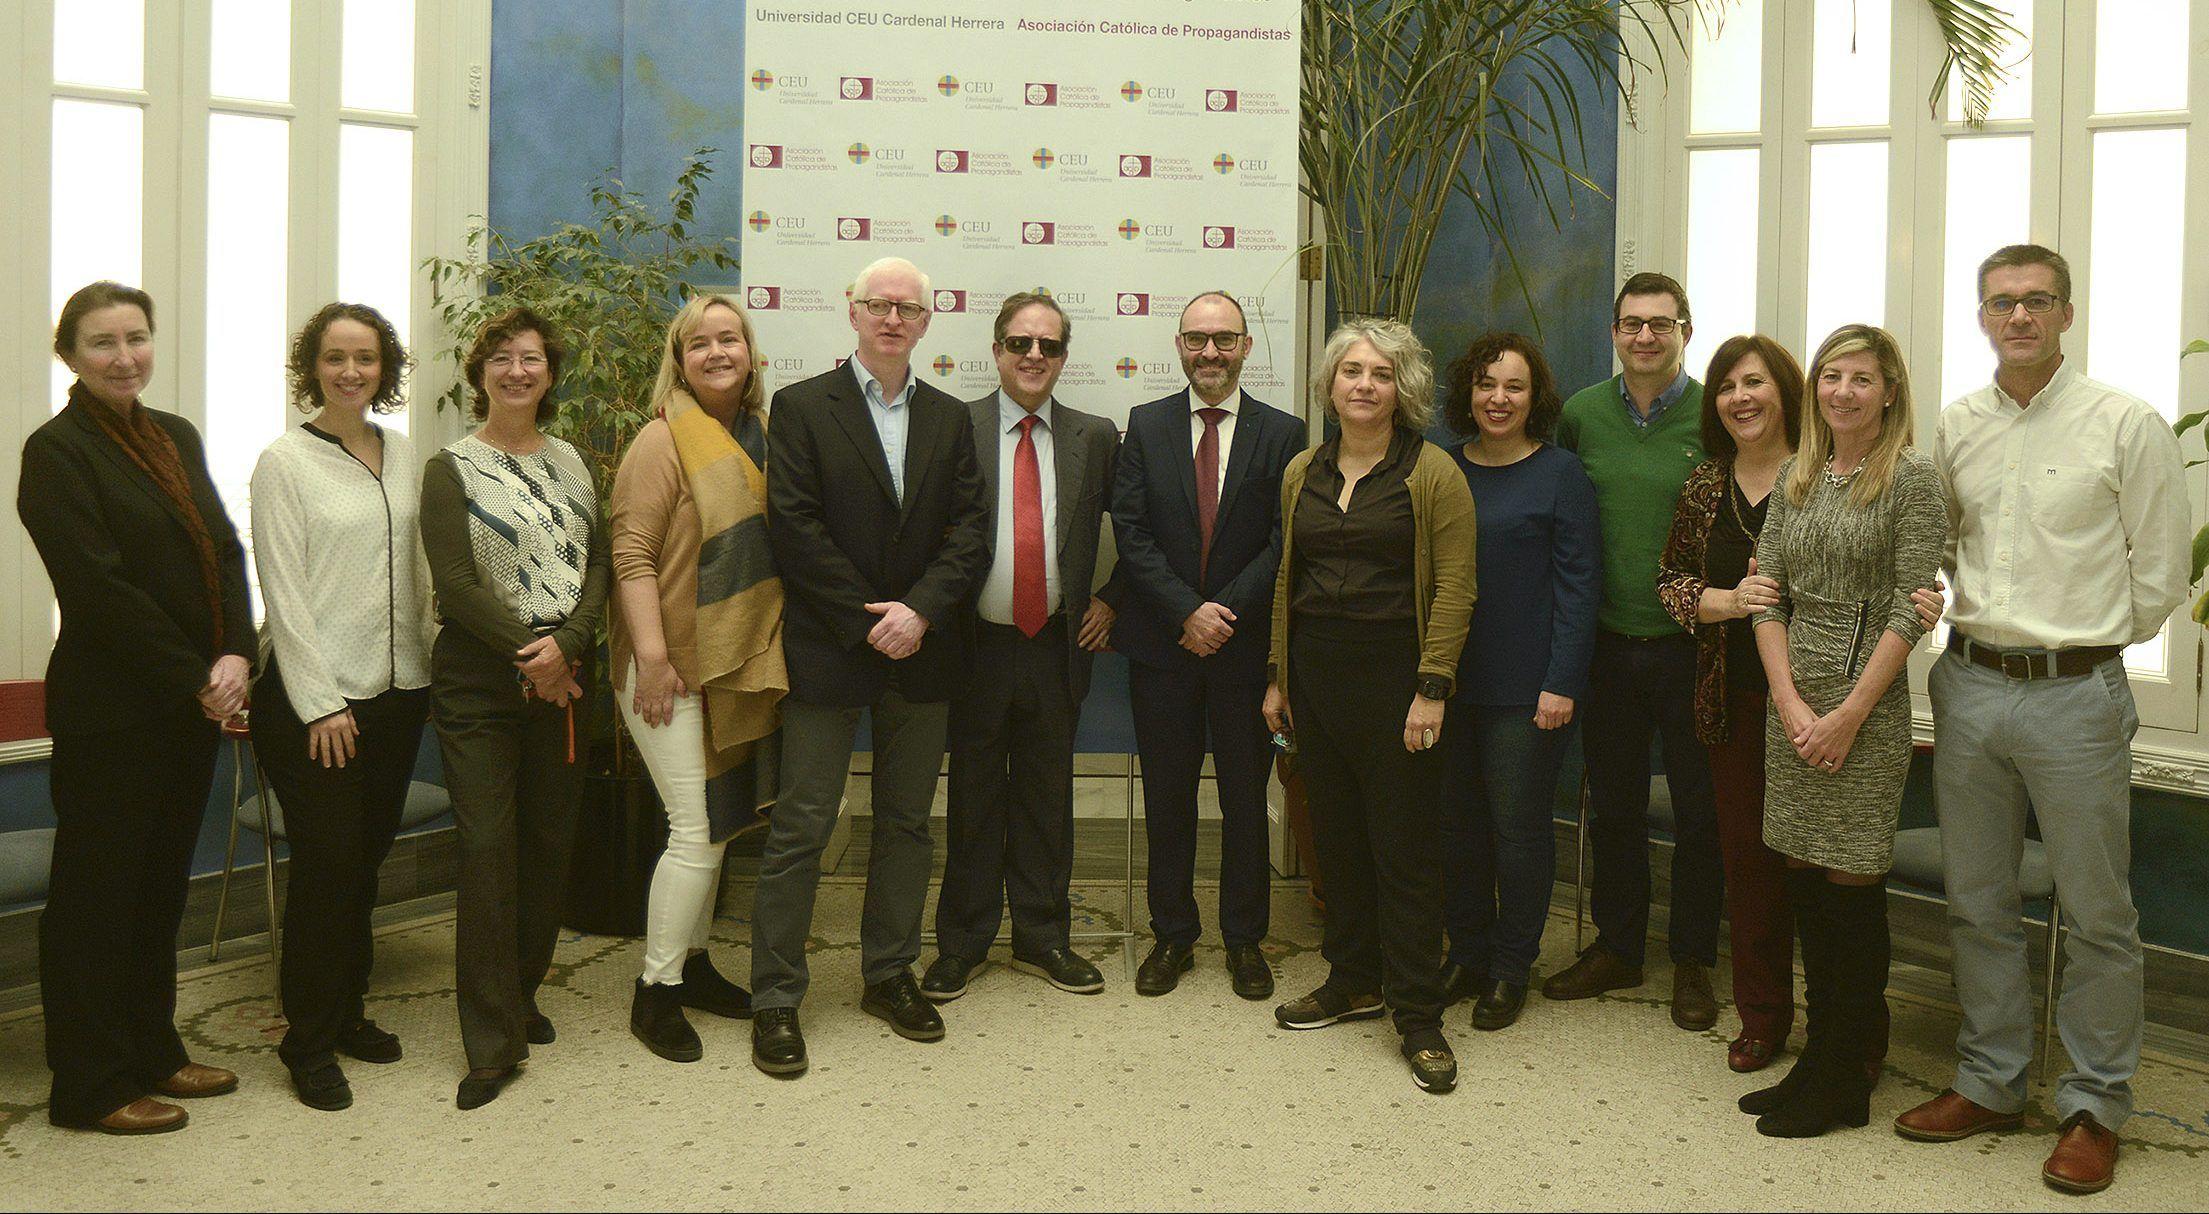 Los investigadores del Instituto ODISEAS de la CEU UCH y el vicerrector de Investigación, Ignacio Pérez, junto a Rafael de Lorenzo, secretario general del Consejo General de la ONCE.